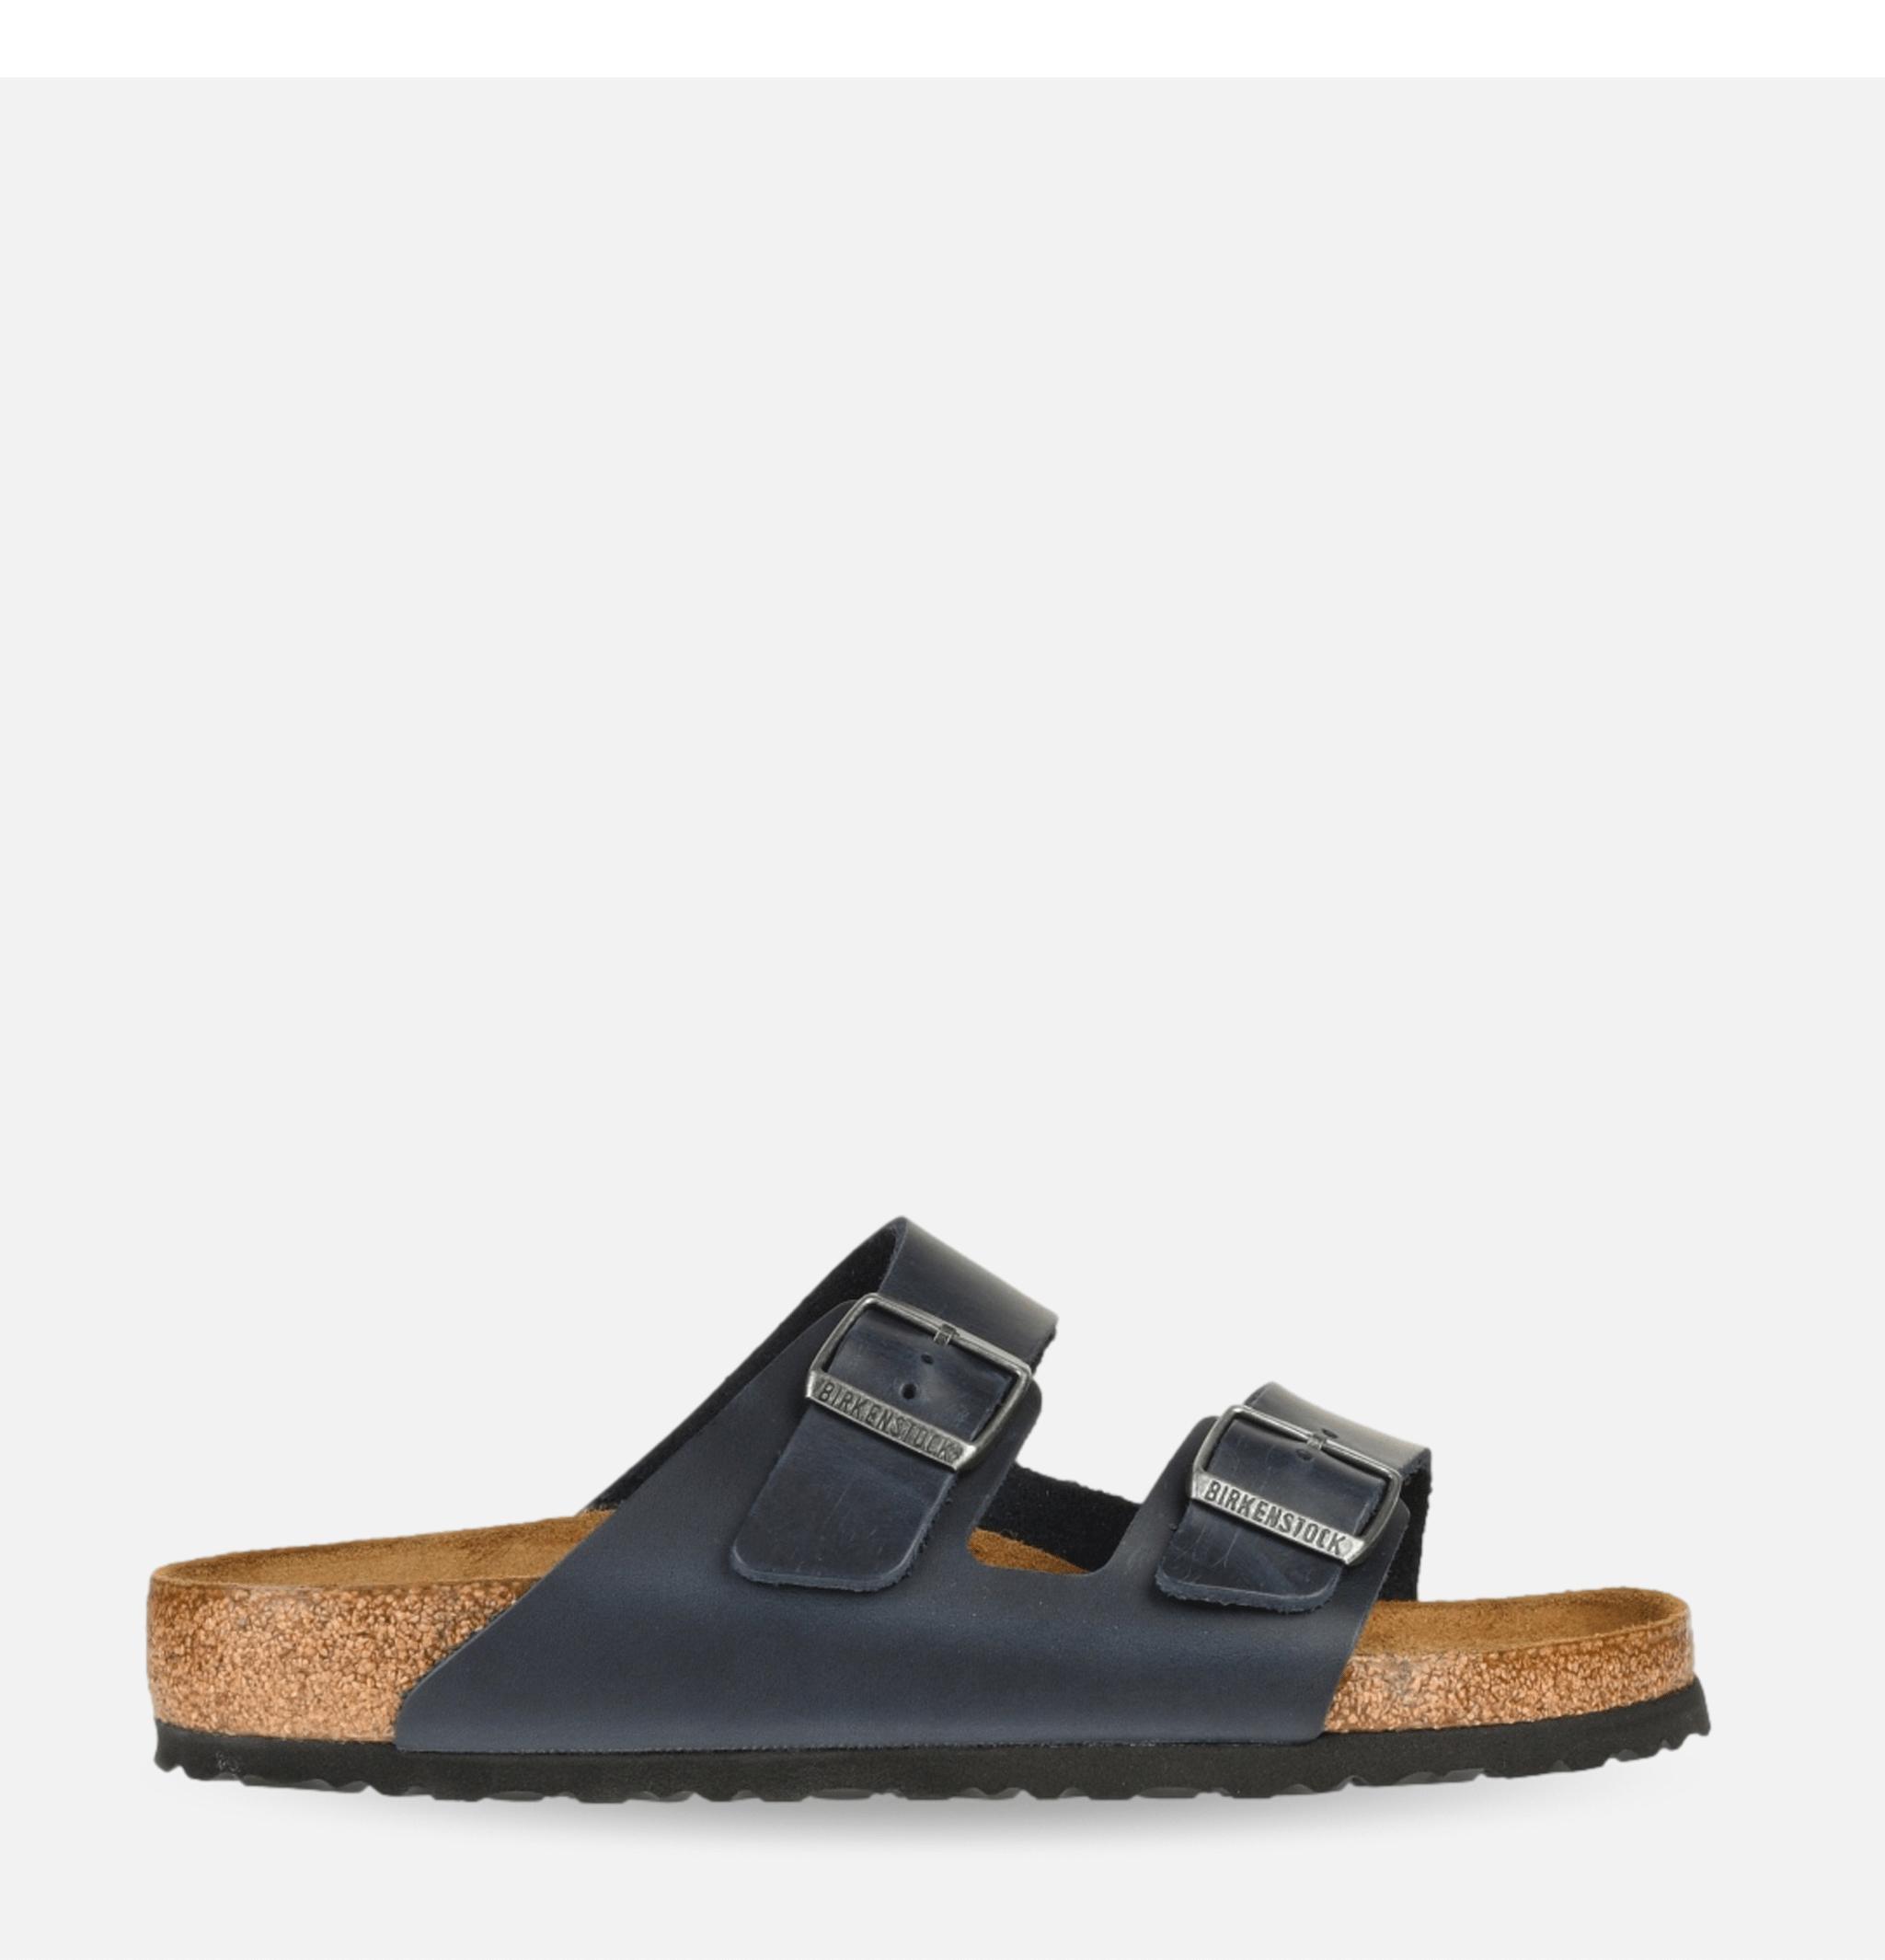 Sandals Arizona Cuir Noir